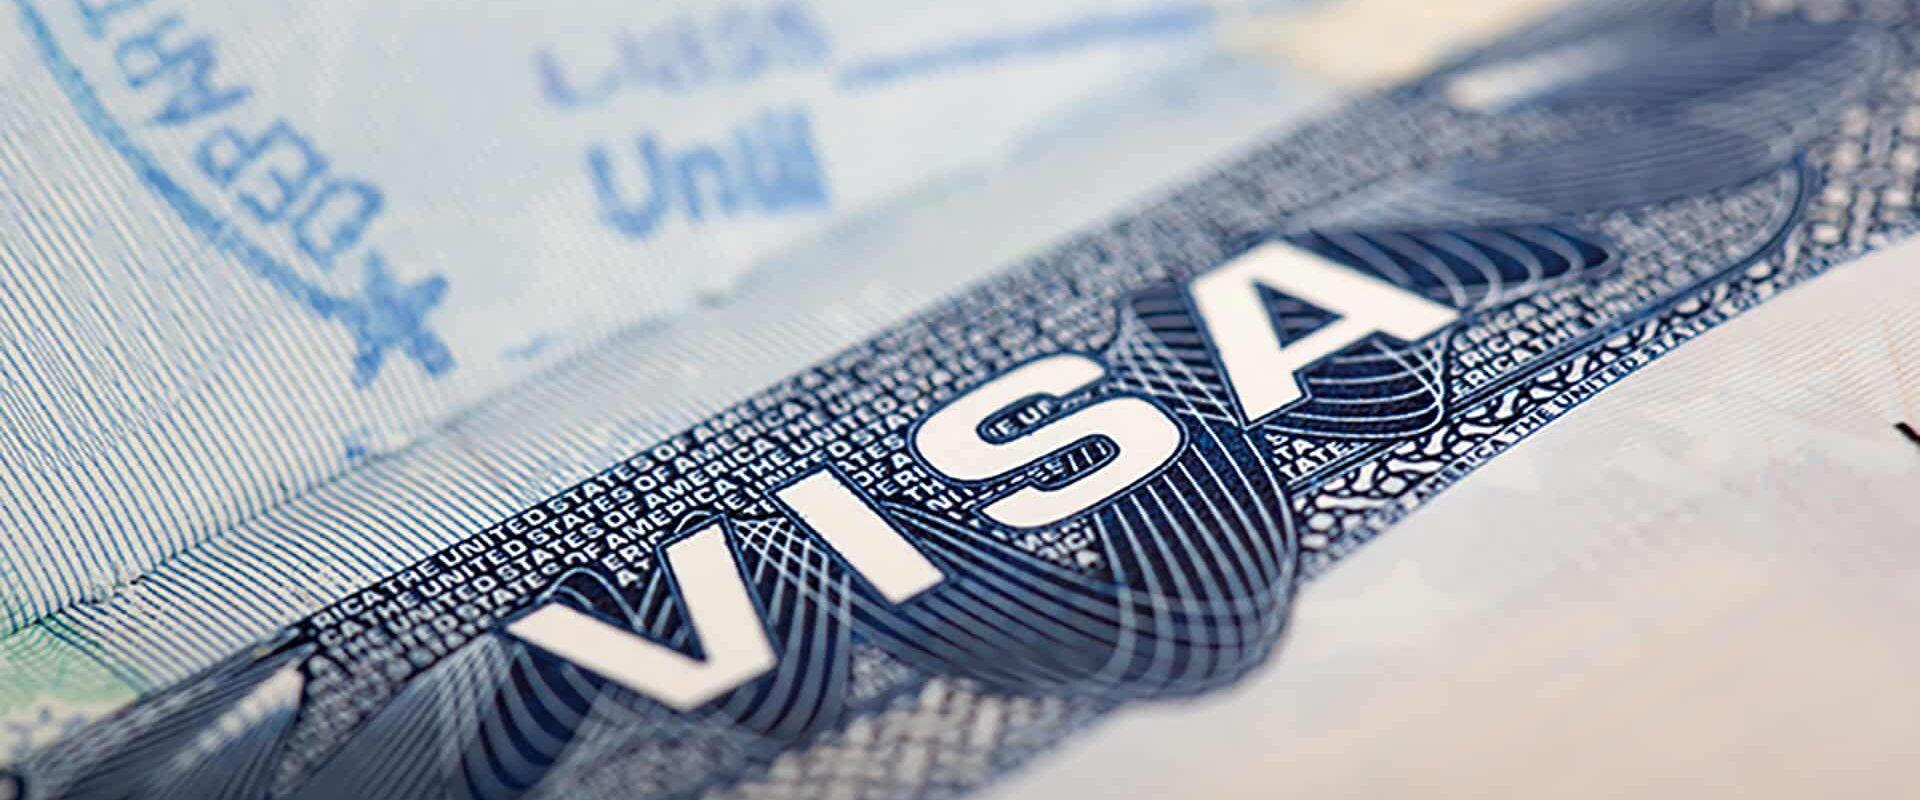 Прекращение выдачи виз в Беларусь